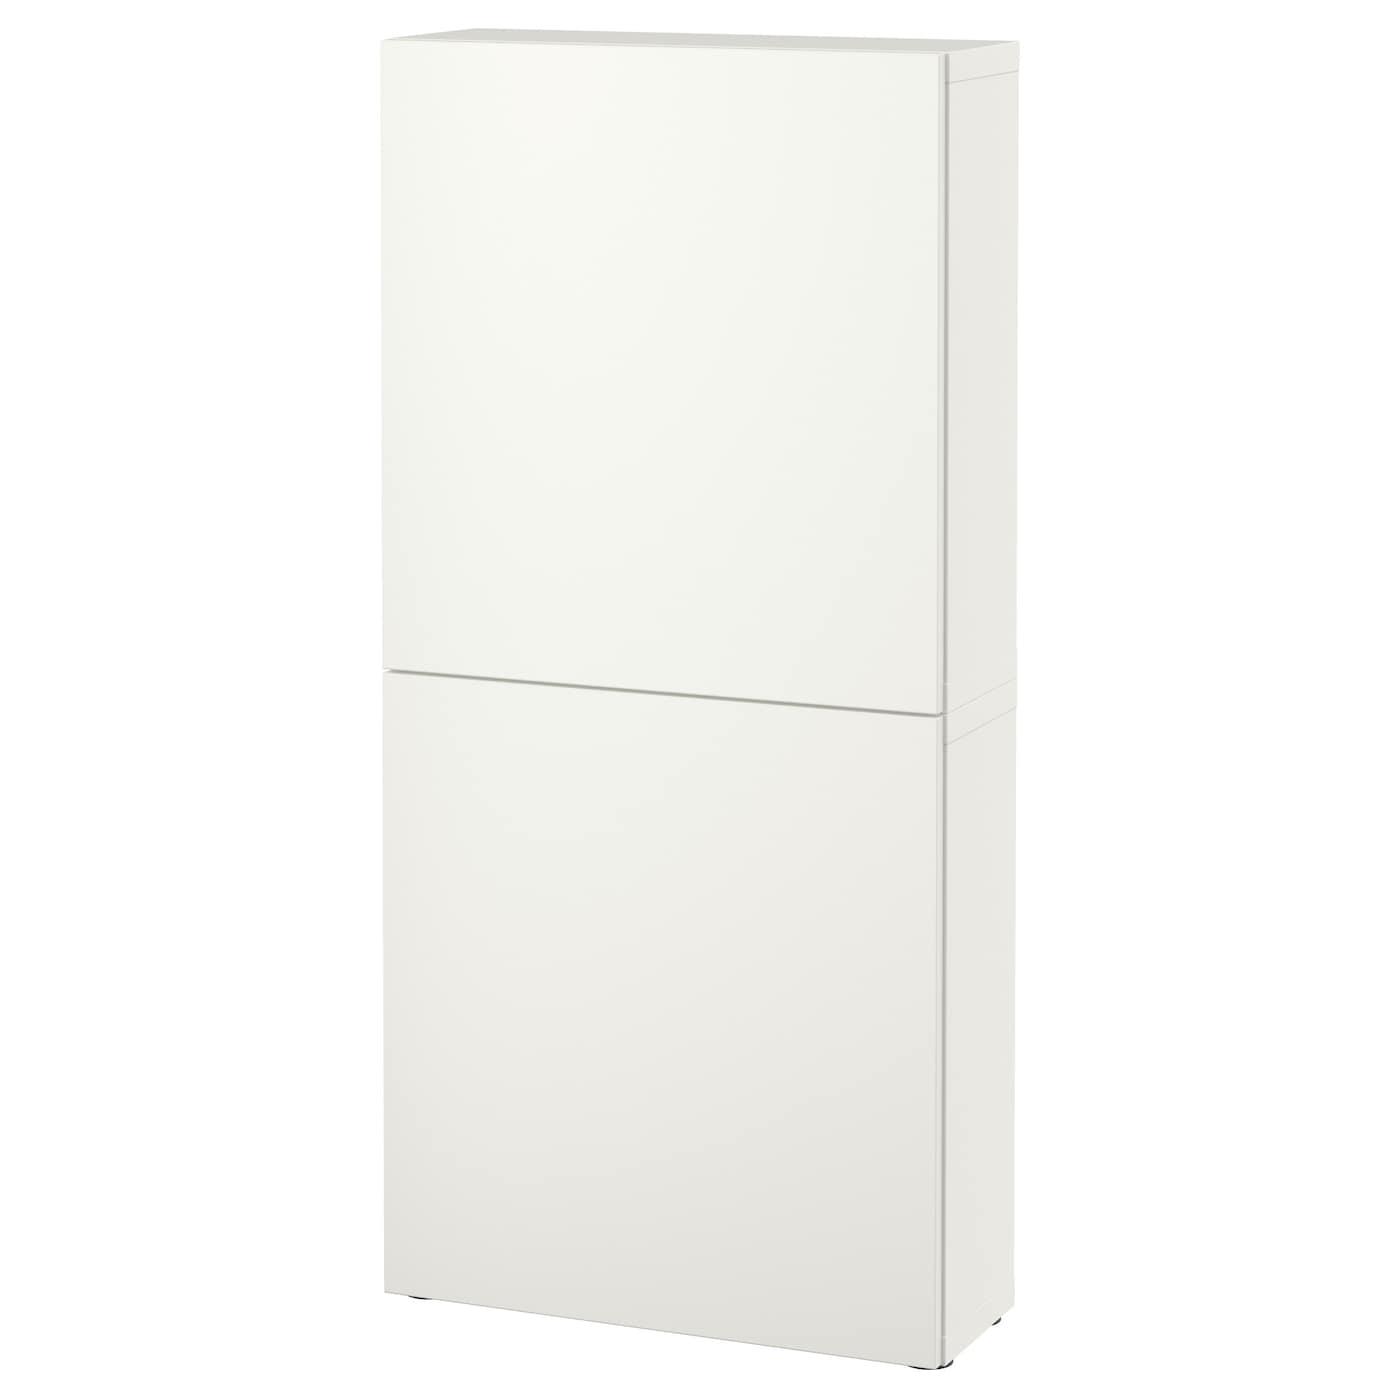 Ikea Hängeschränke online kaufen | Möbel-Suchmaschine | ladendirekt.de